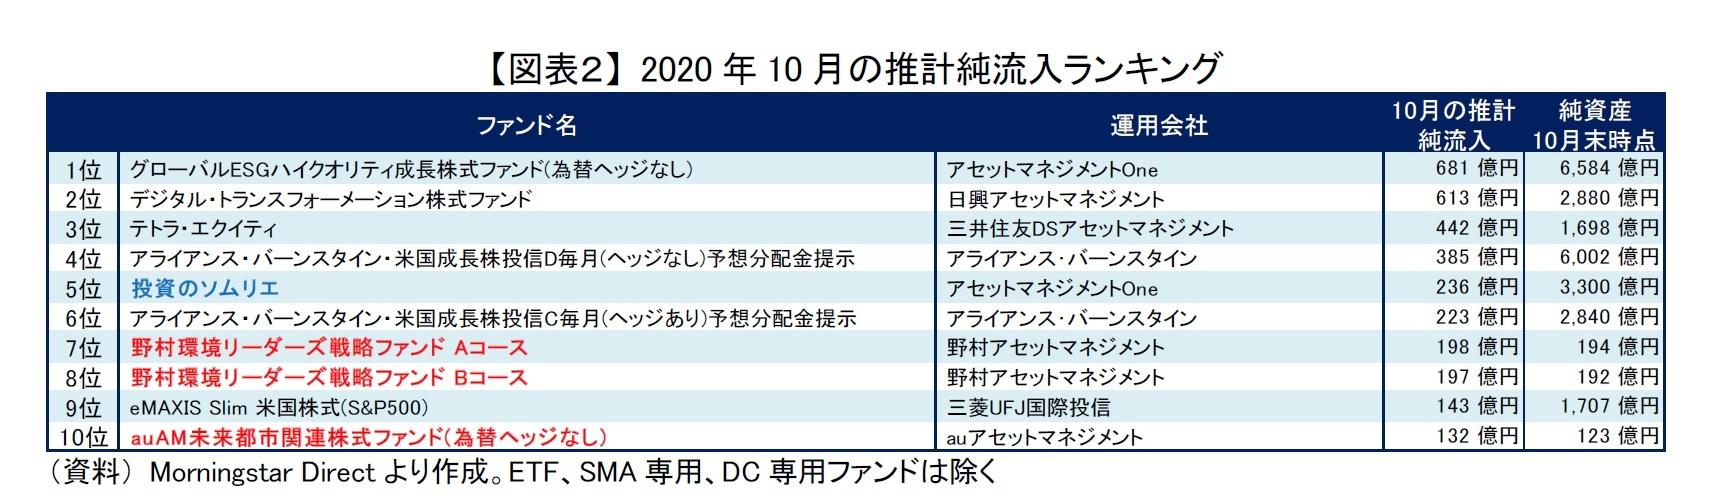 【図表2】 2020年10月の推計純流入ランキング